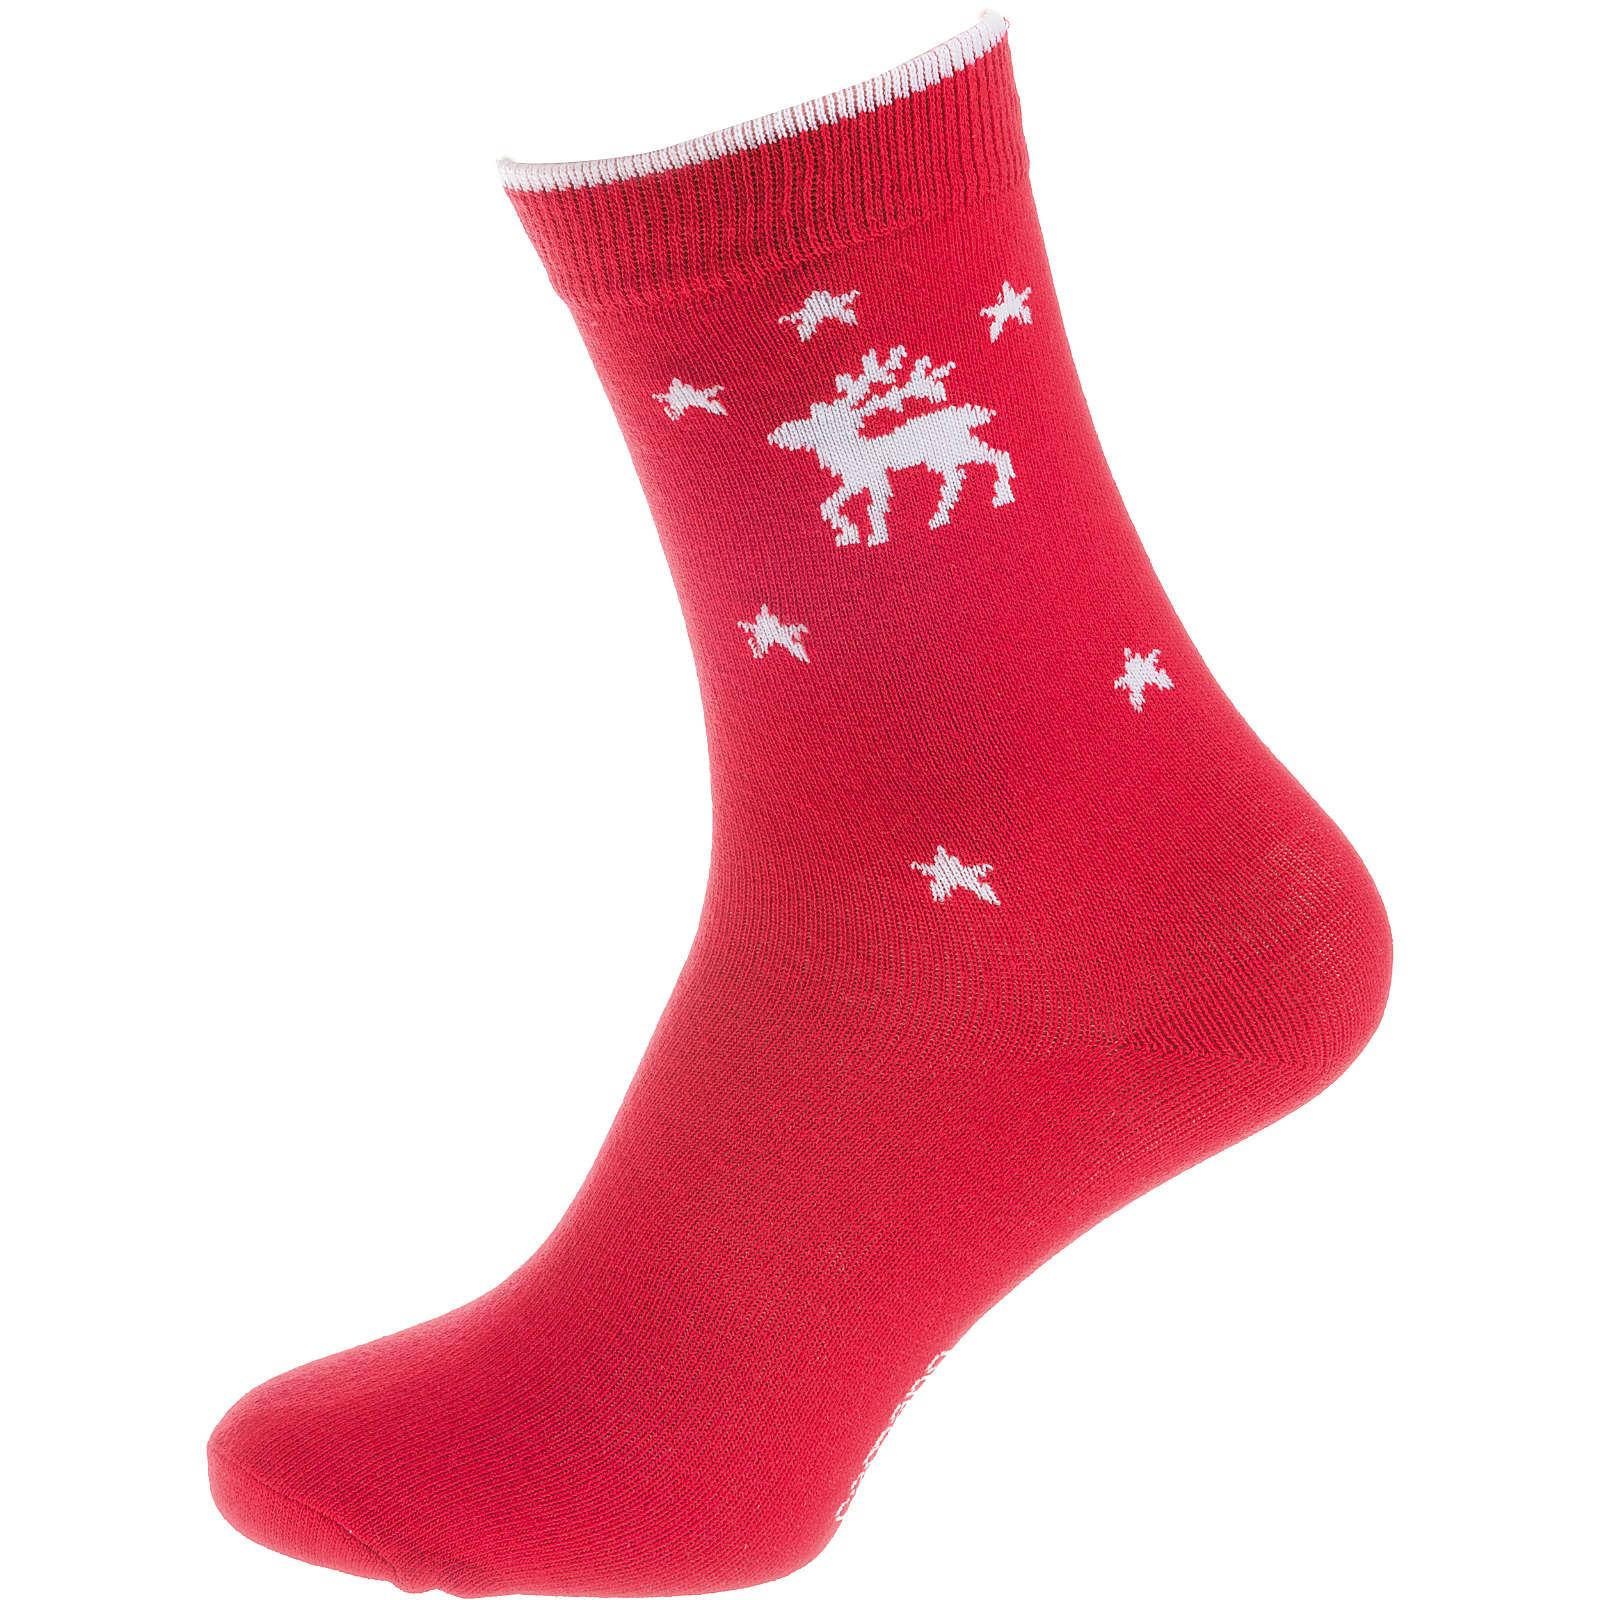 camano ein Paar Socken XMAS rot Gr. 36-41